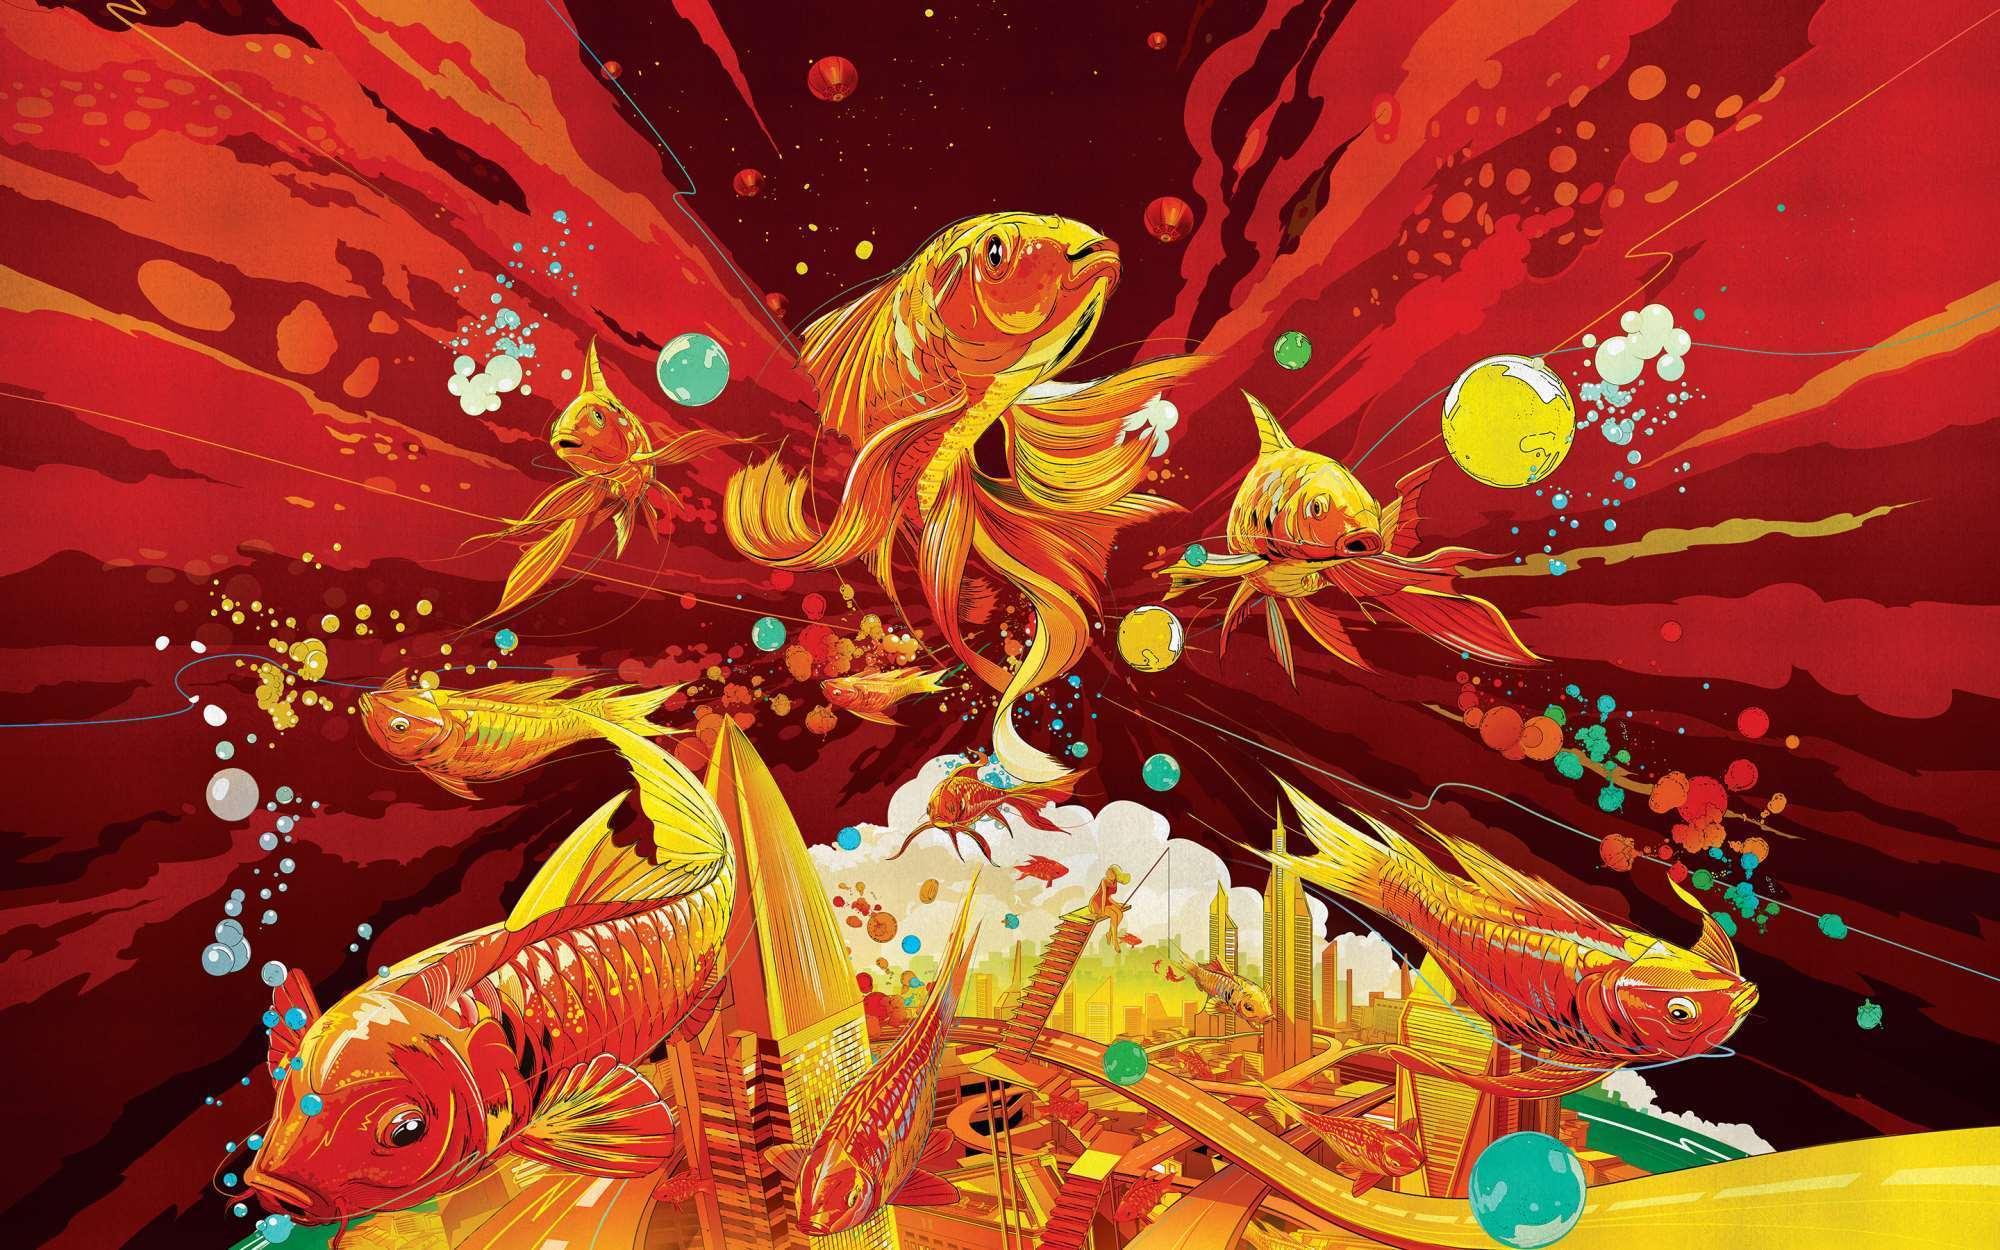 手机推销_惊艳中国风!苹果官网公布 2017 鸡年春节专属年画壁纸-搜狐